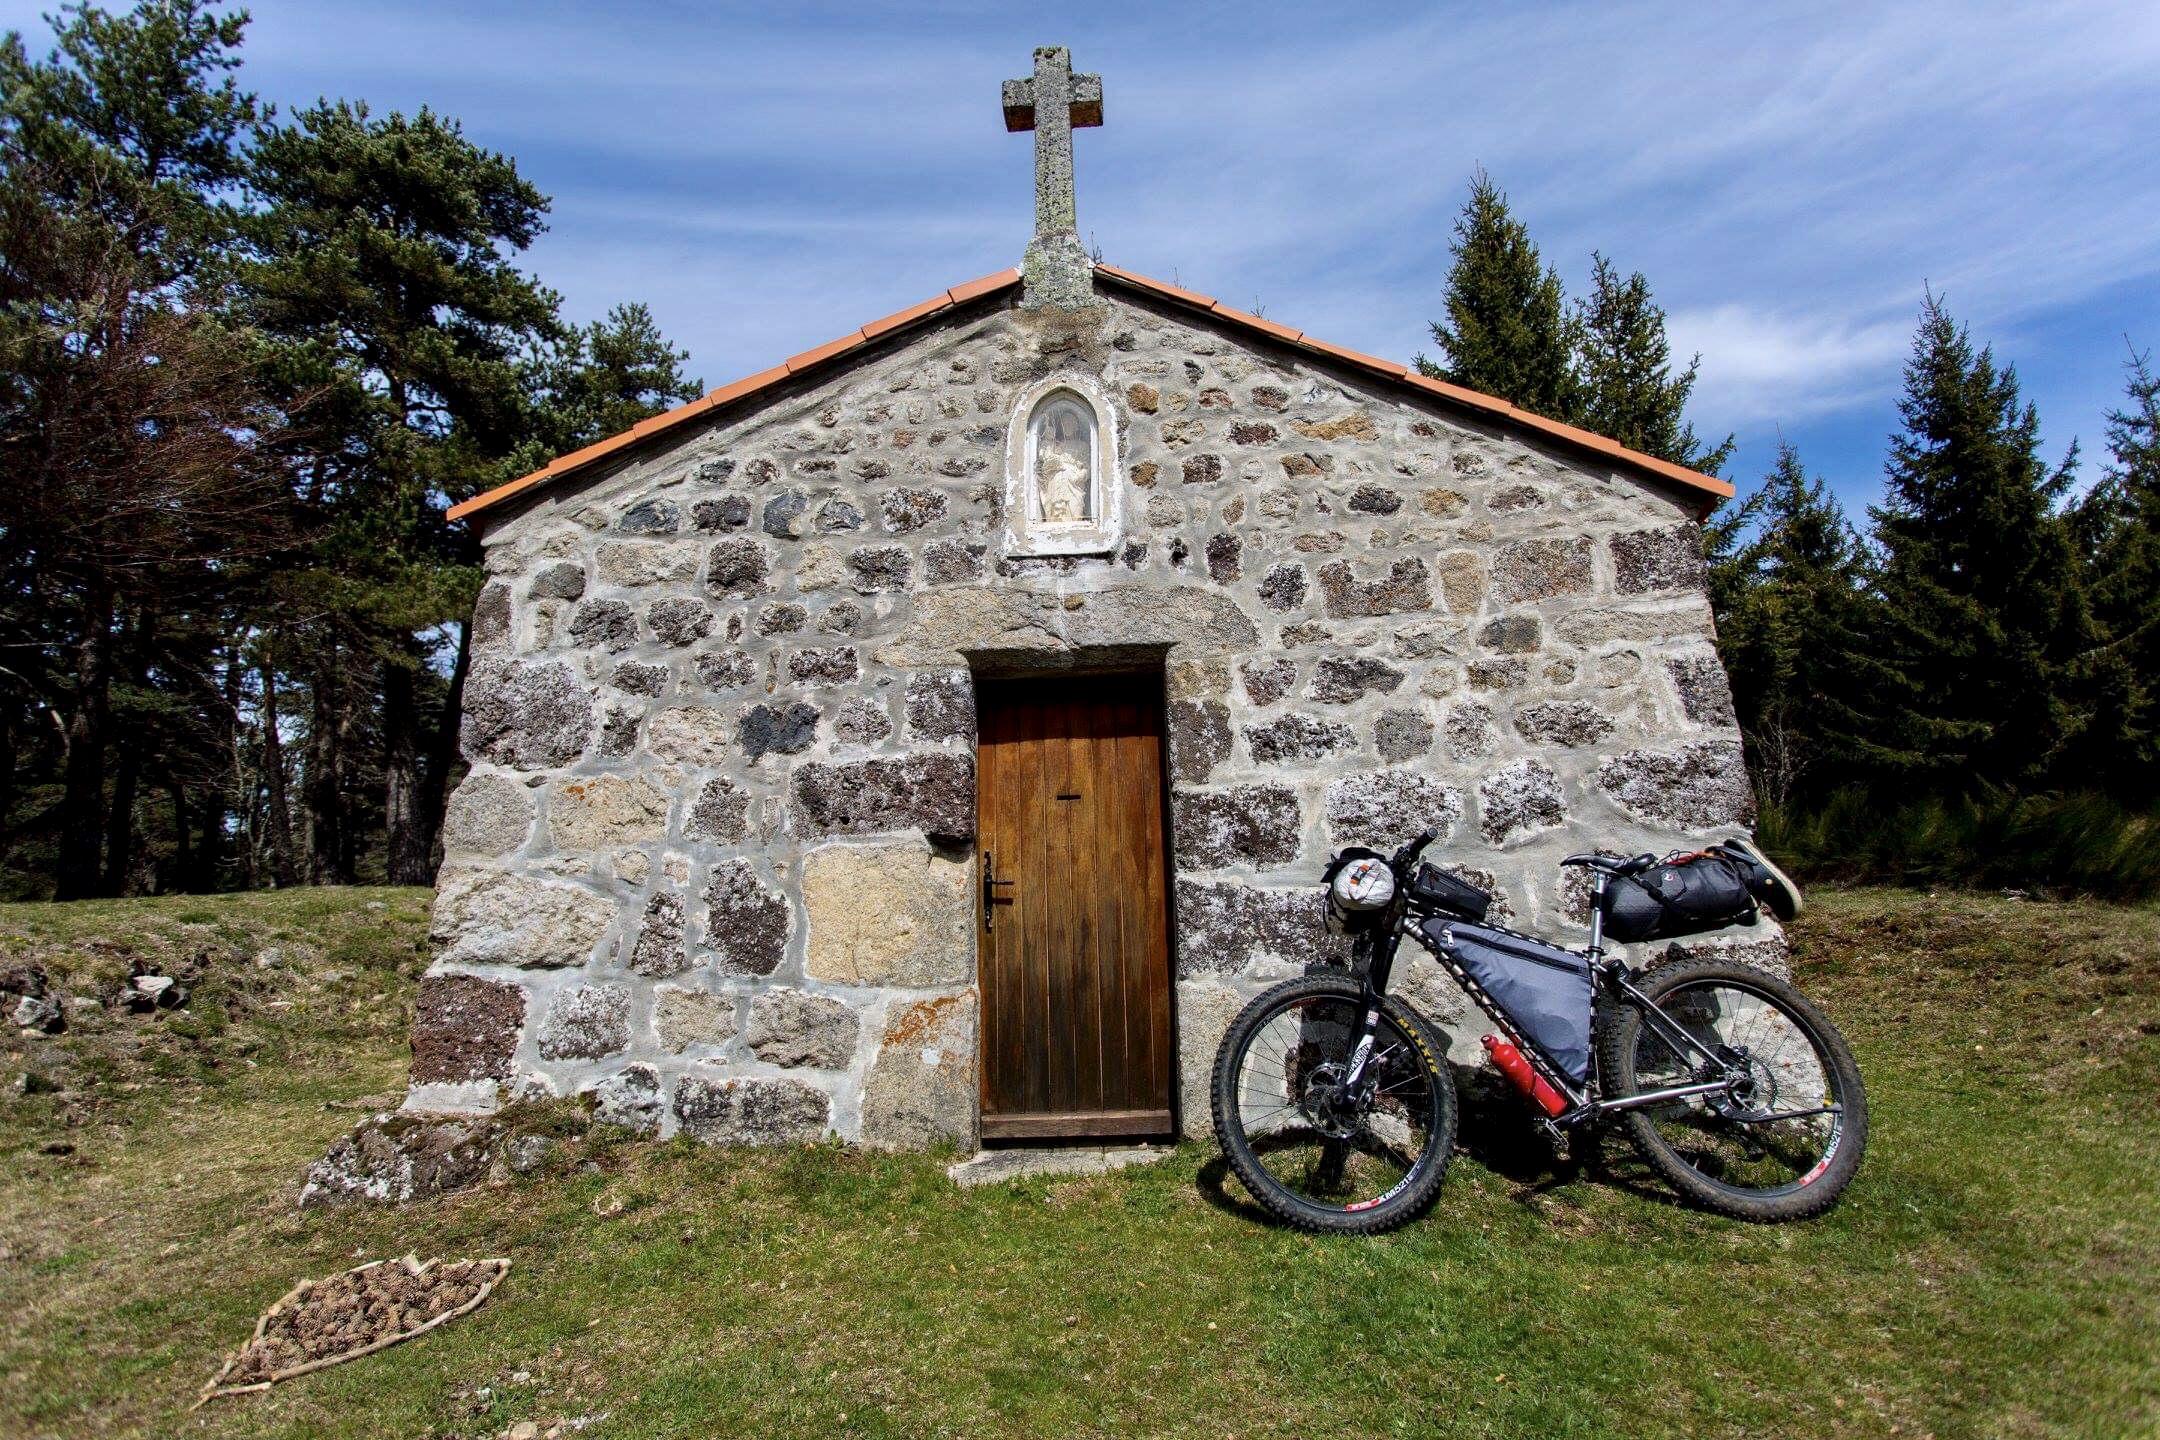 France, Parc Naturel Regional des Monts d'Ardèche